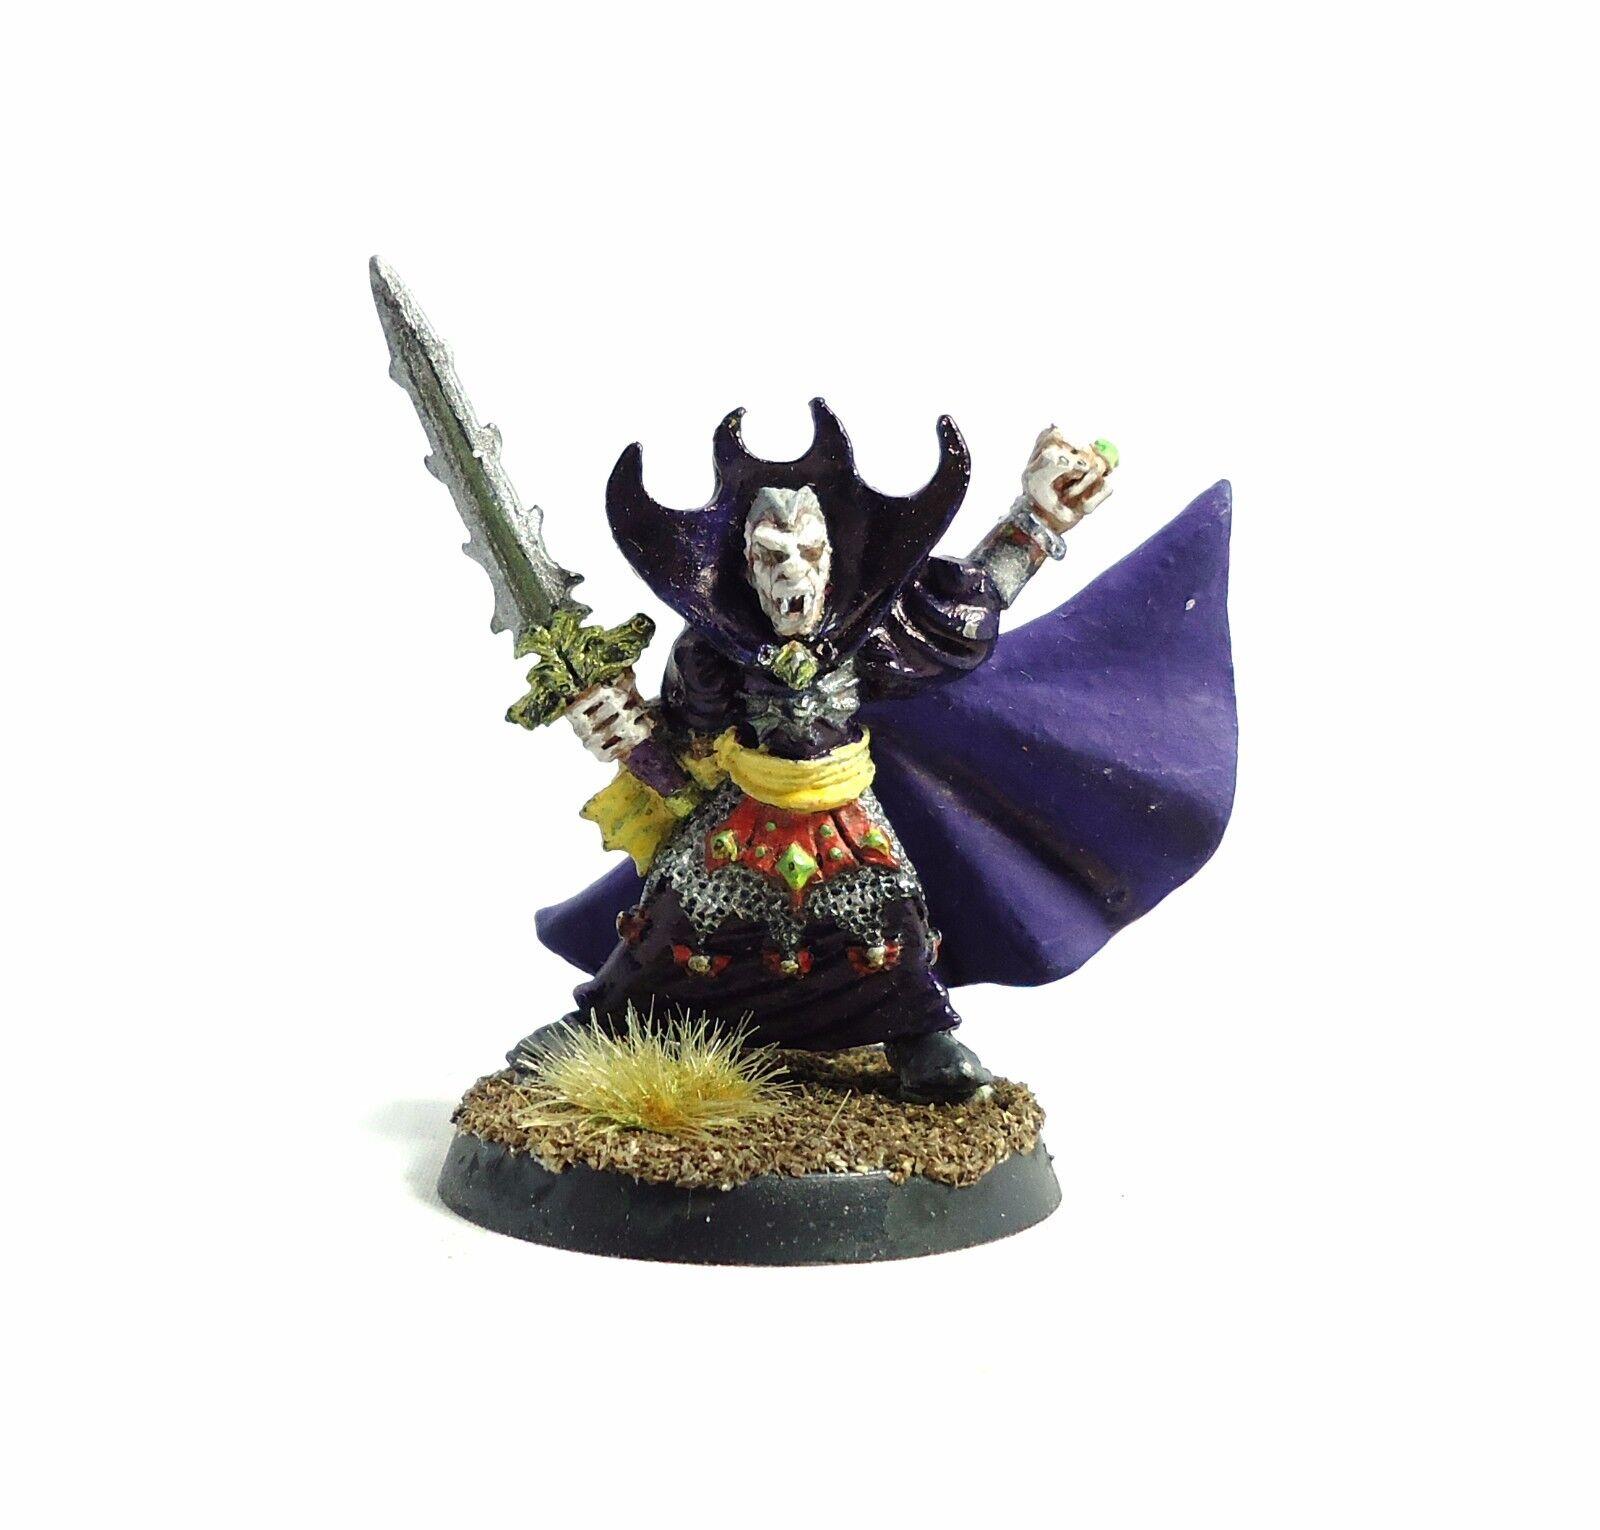 1993 Undead Zombie 7 Games Workshop Warhammer Vampire Counts Army Tomb Kings D&D Speelgoed en spellen